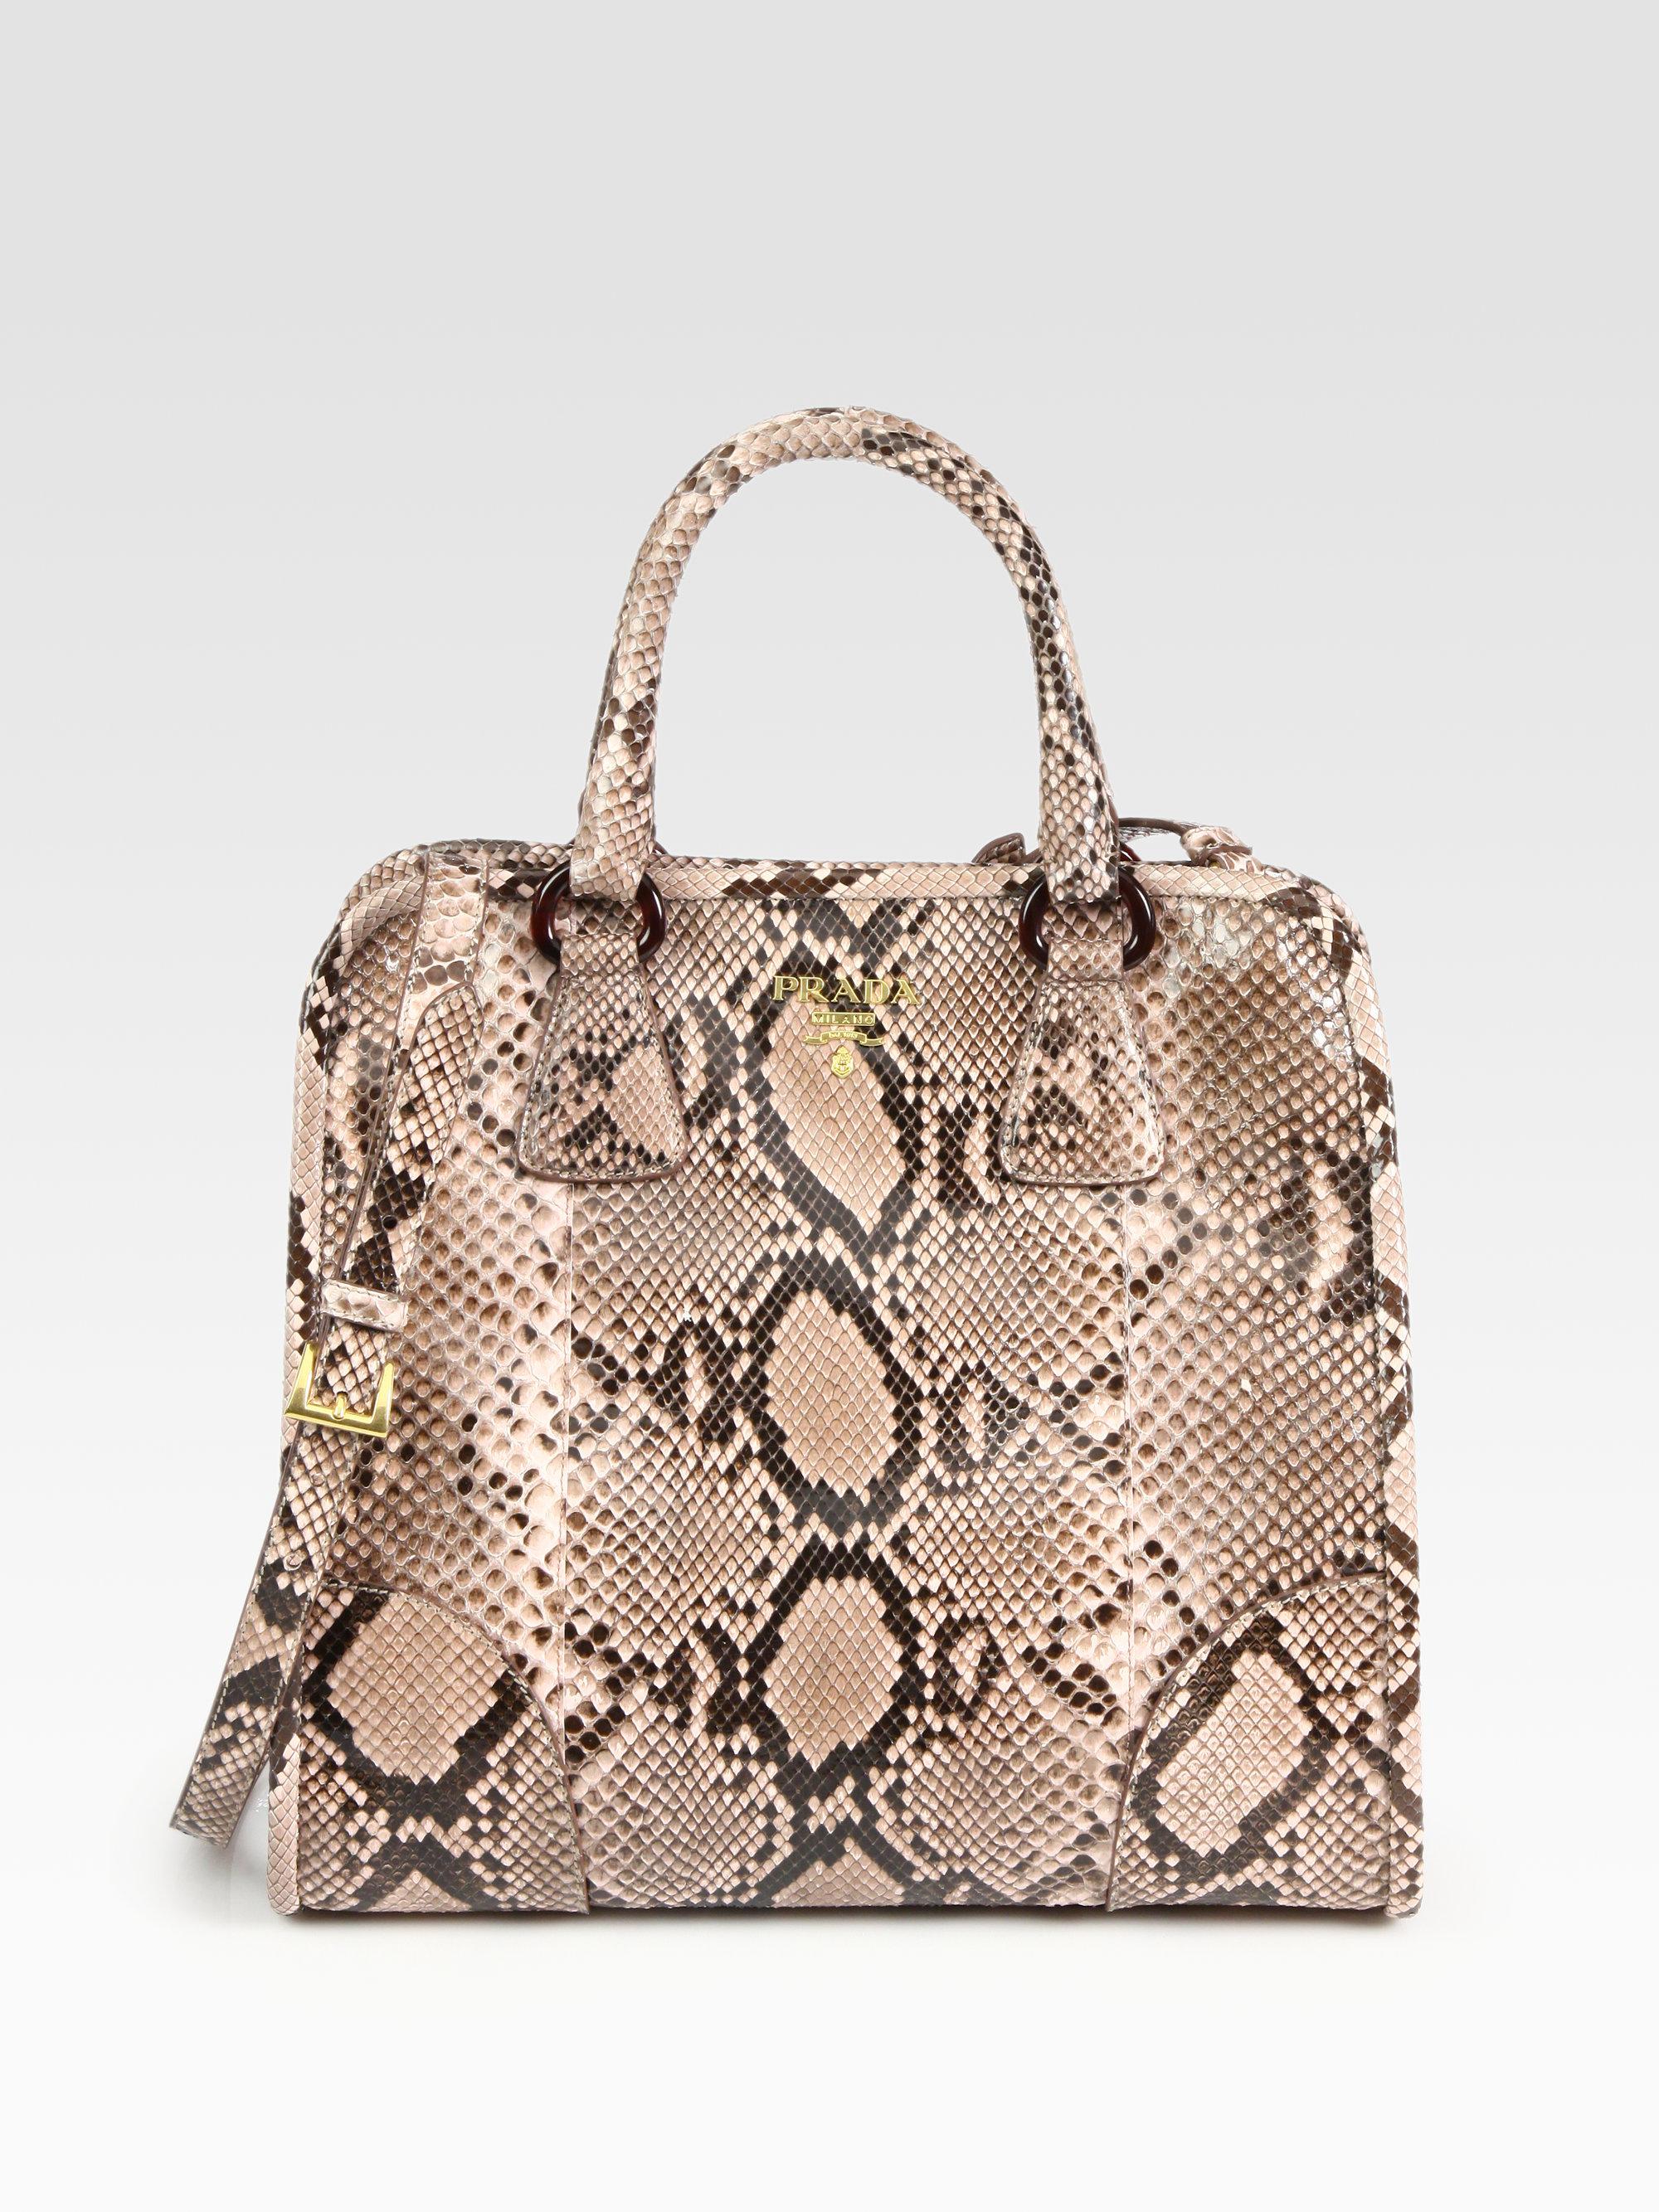 prada ladies bag price - Prada Pitone Lucido Python Tote in Pink (light pink)   Lyst